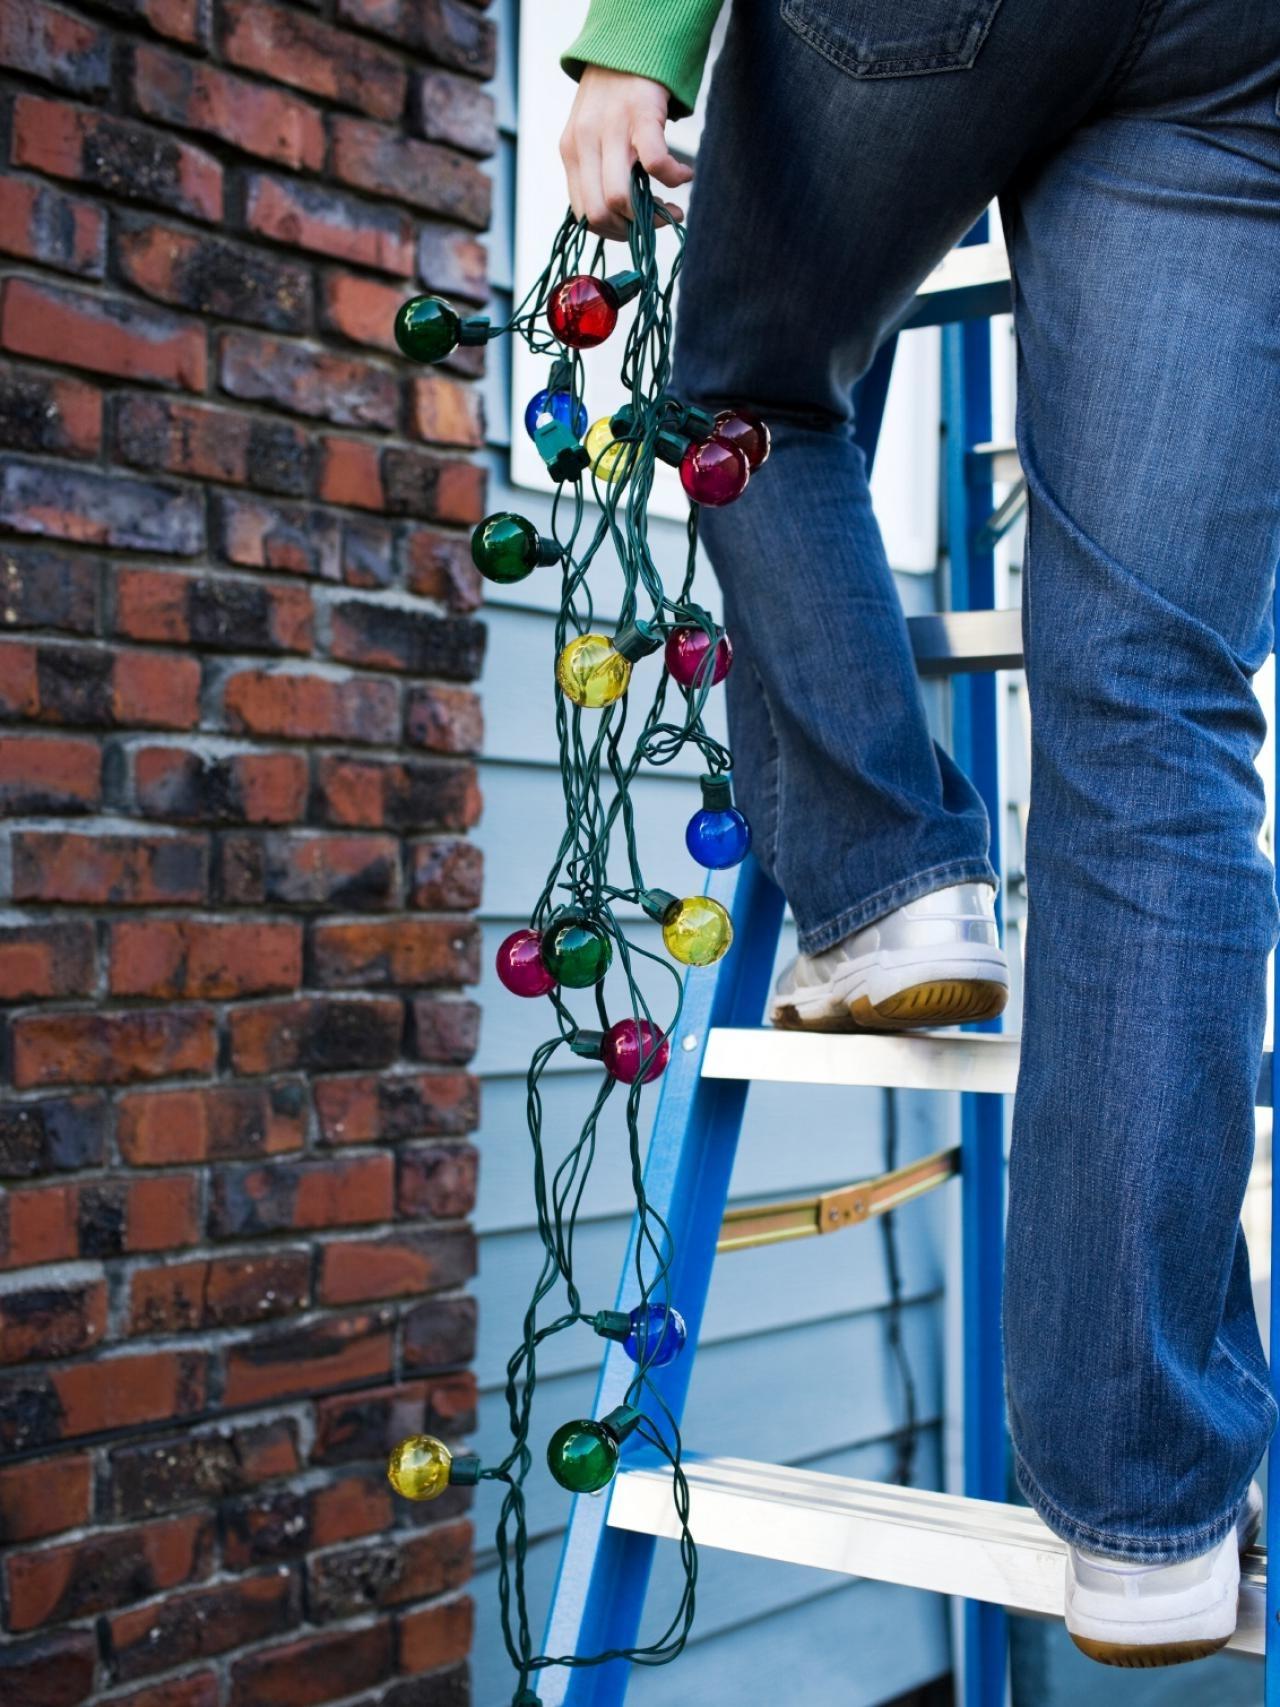 How To Hang Christmas Lights (View 12 of 20)